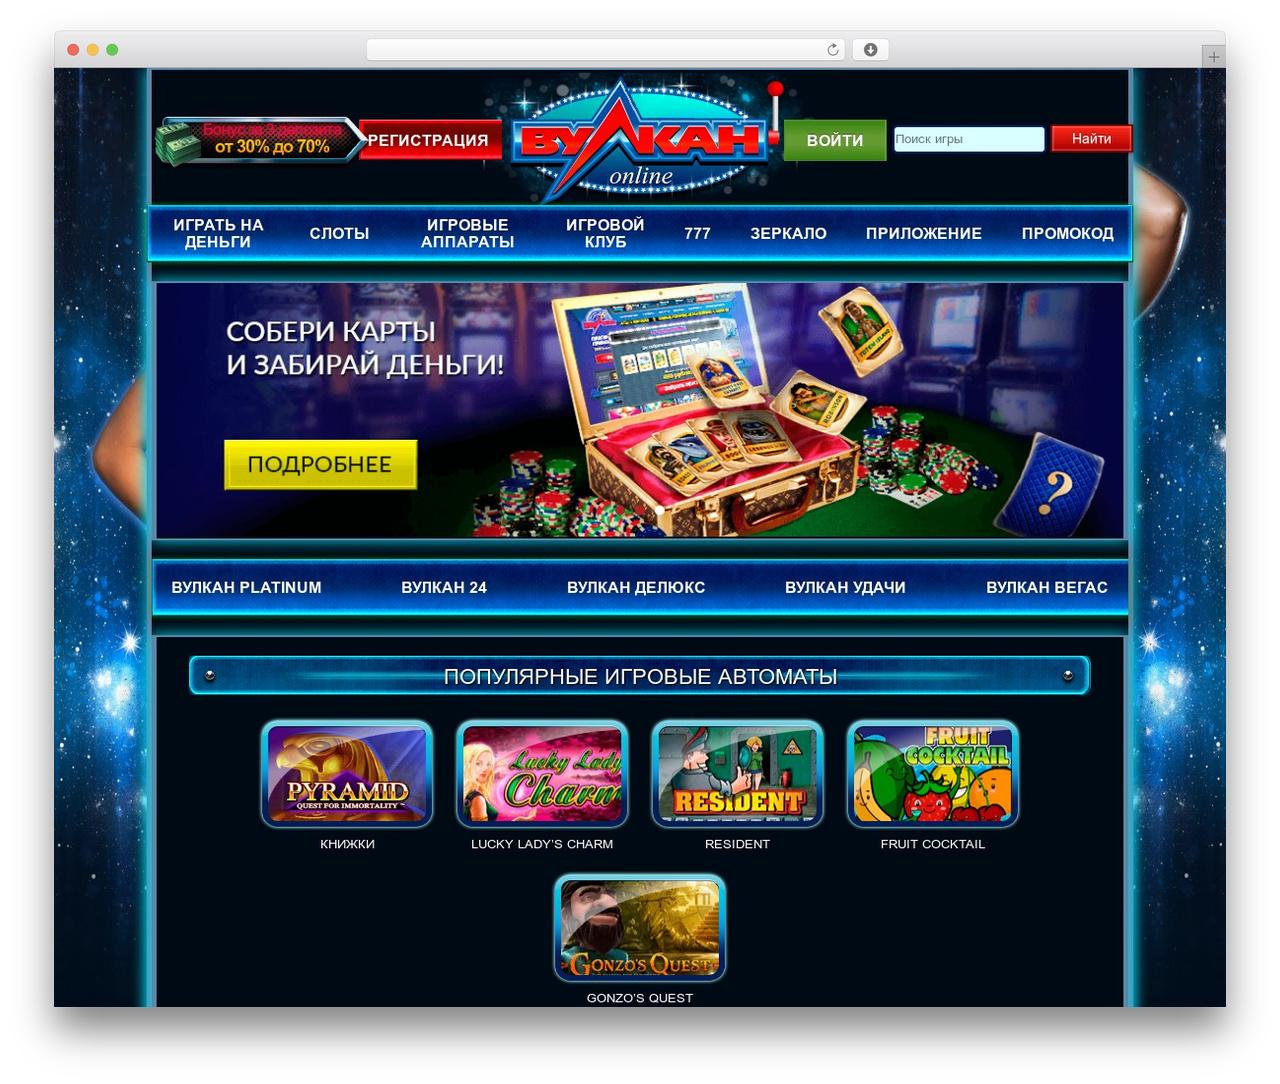 официальный сайт казино онлайн kazino 777 рабочая ссылка